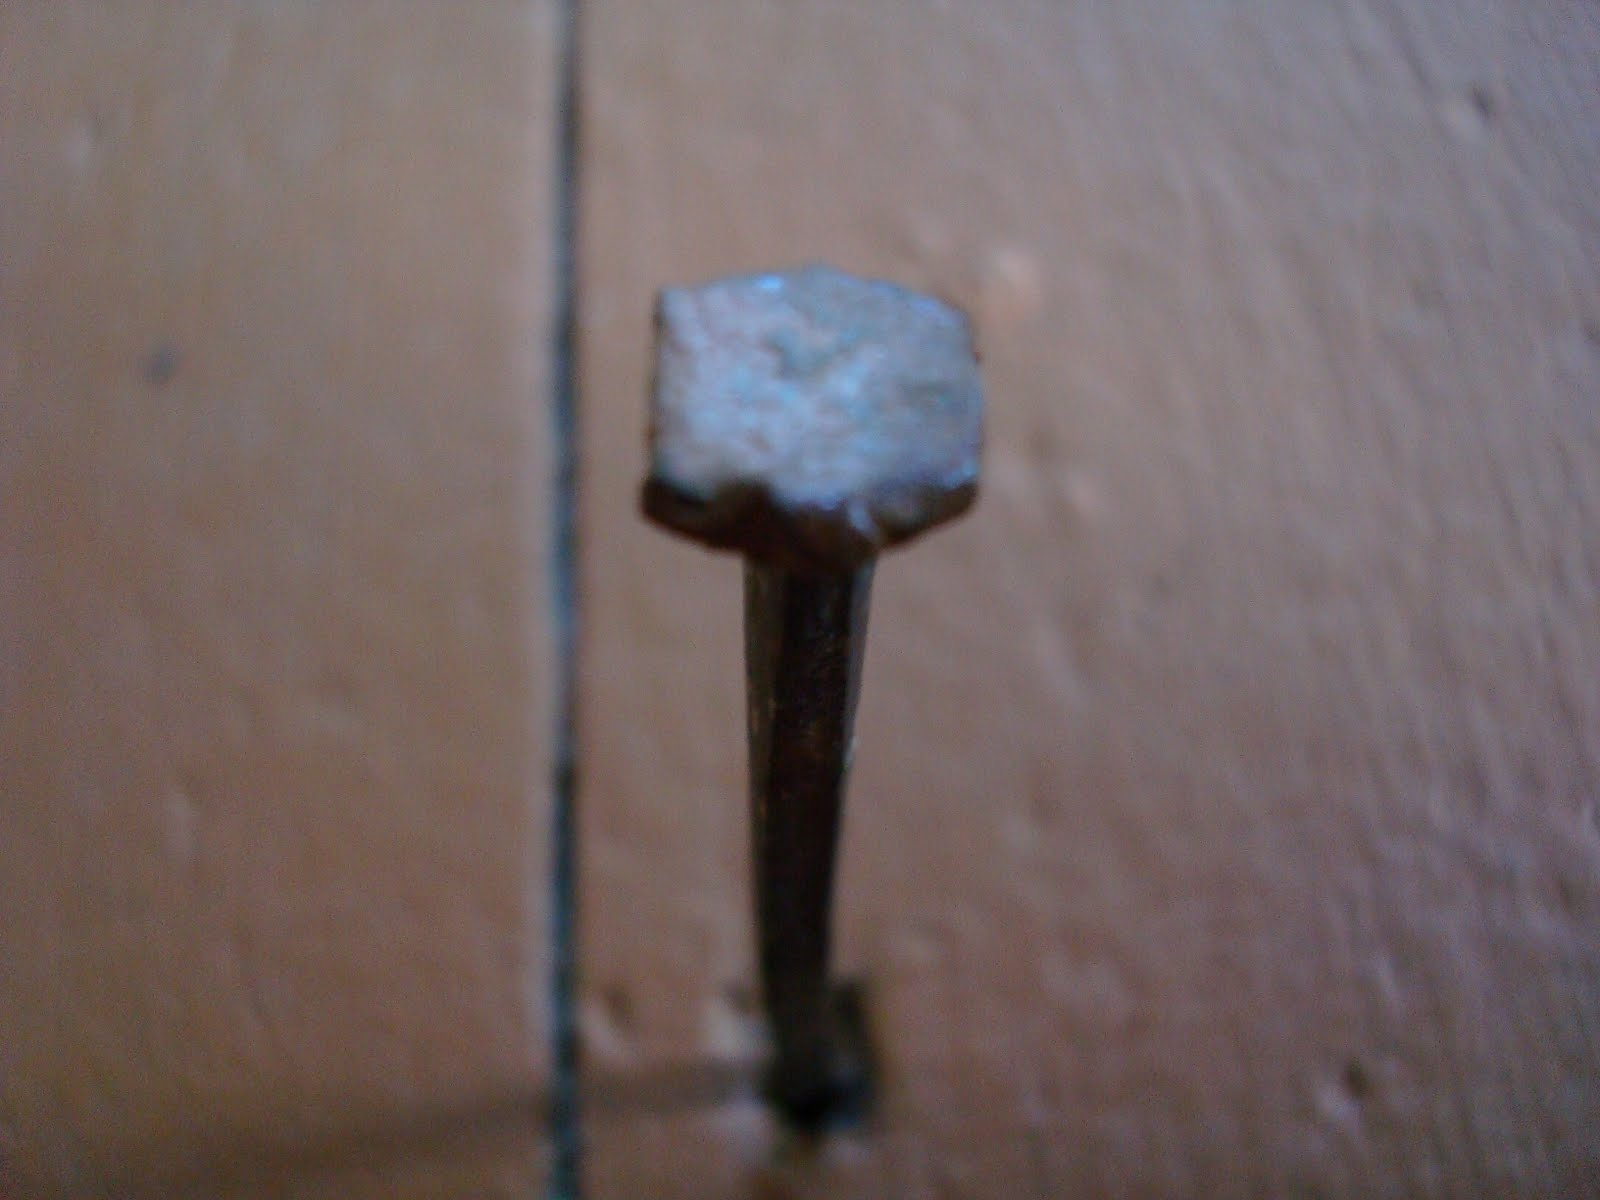 Antique Square Cut Nails